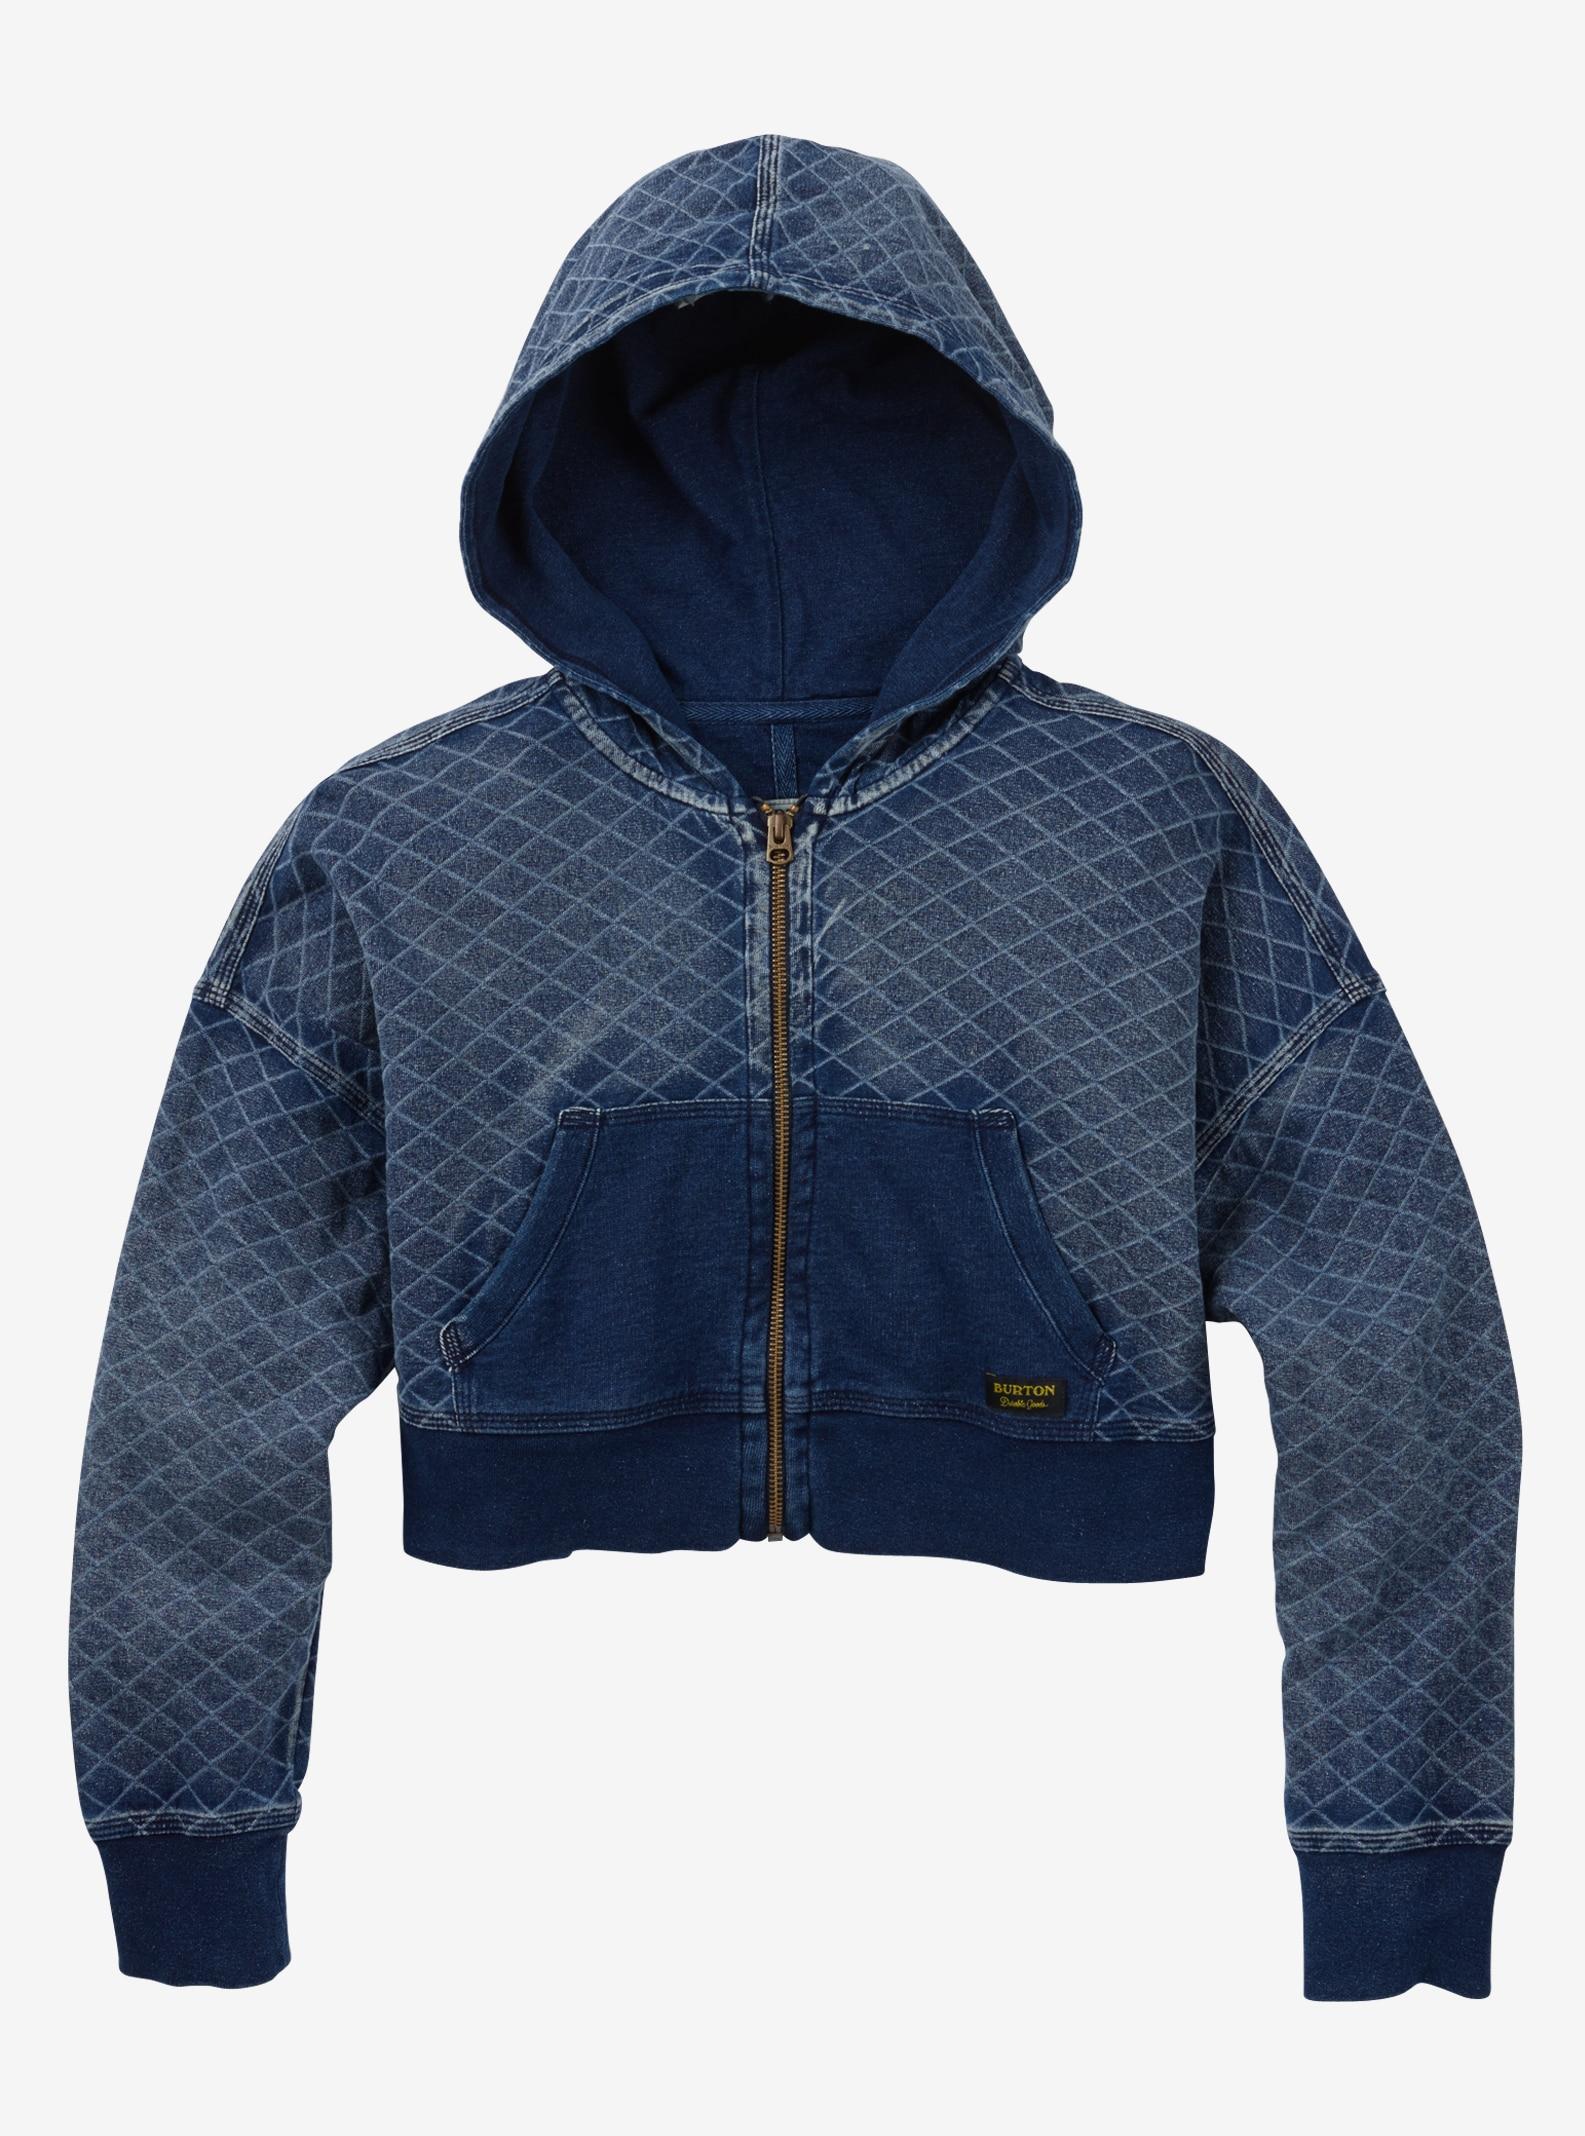 Burton Noonmark Full-Zip Hoodie shown in Indigo